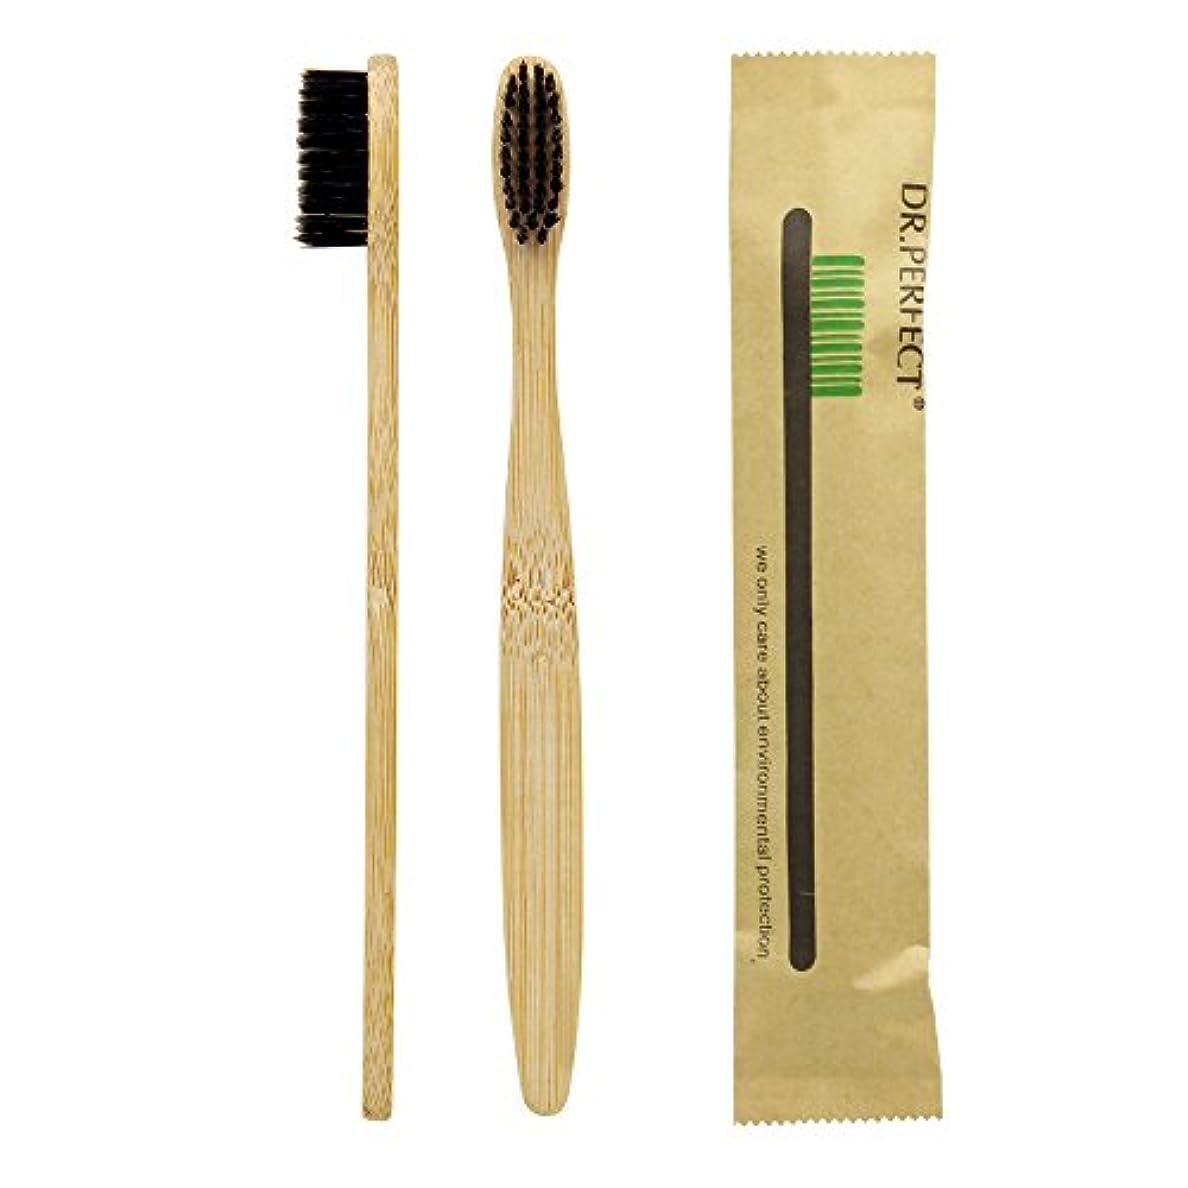 中絶頭現像Dr.Perfect 歯ブラシ 竹歯ブラシアダルト竹の歯ブラシ ナイロン毛 環境保護の歯ブラシ (ブラック)